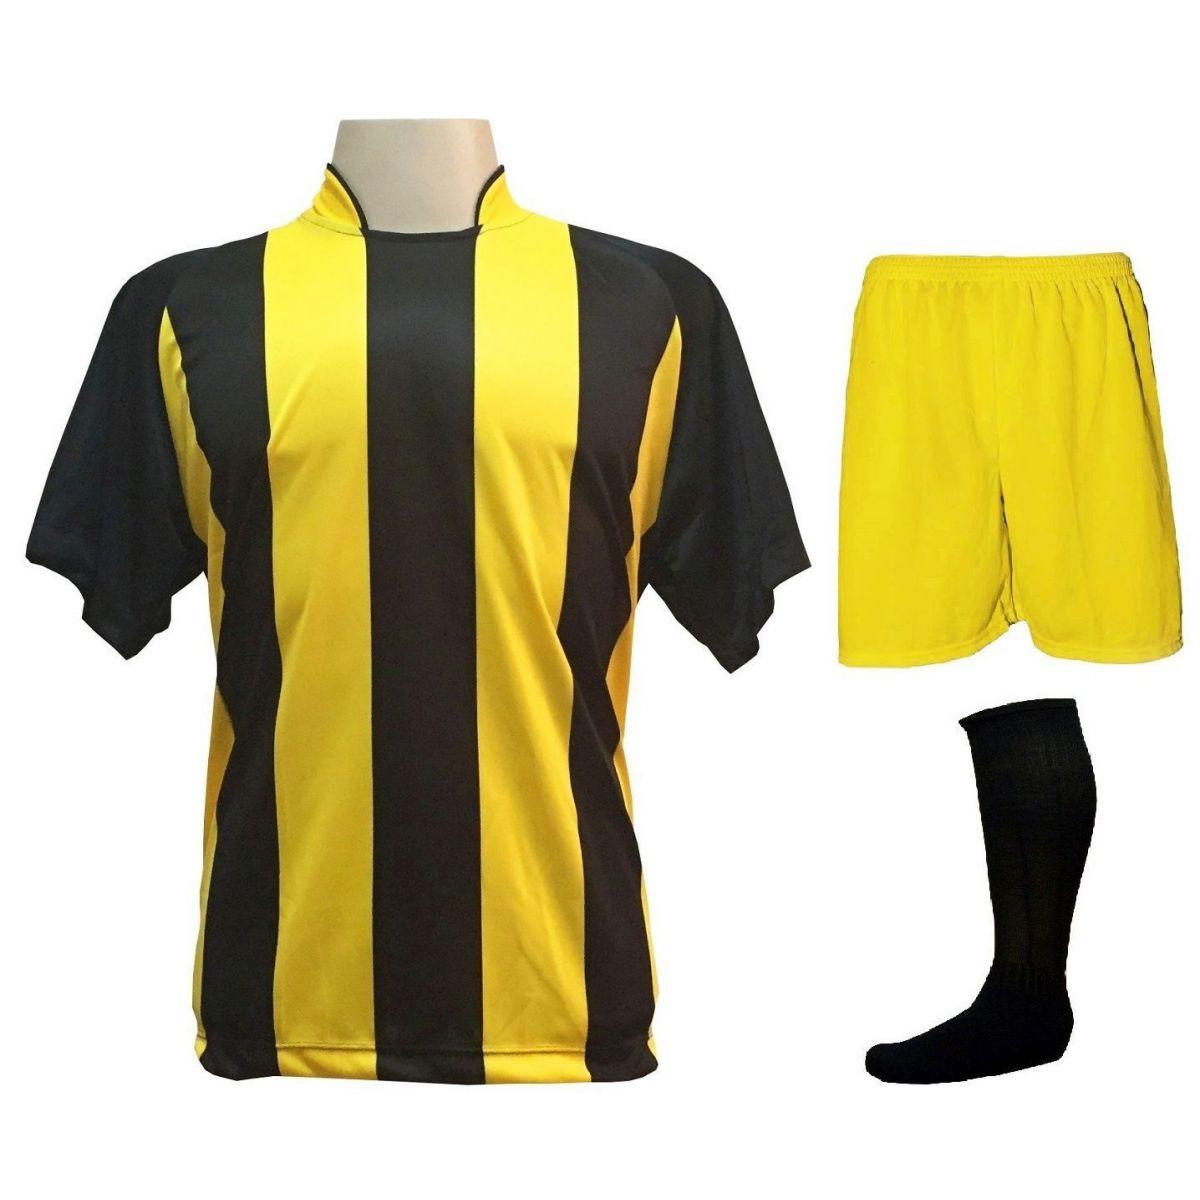 Fardamento Completo modelo Milan 20+2 (20 camisas Preto/Amarelo + 20 calções modelo Madrid Amarelo + 20 pares de meiões Preto + 2 conjuntos de goleiro) + Brindes